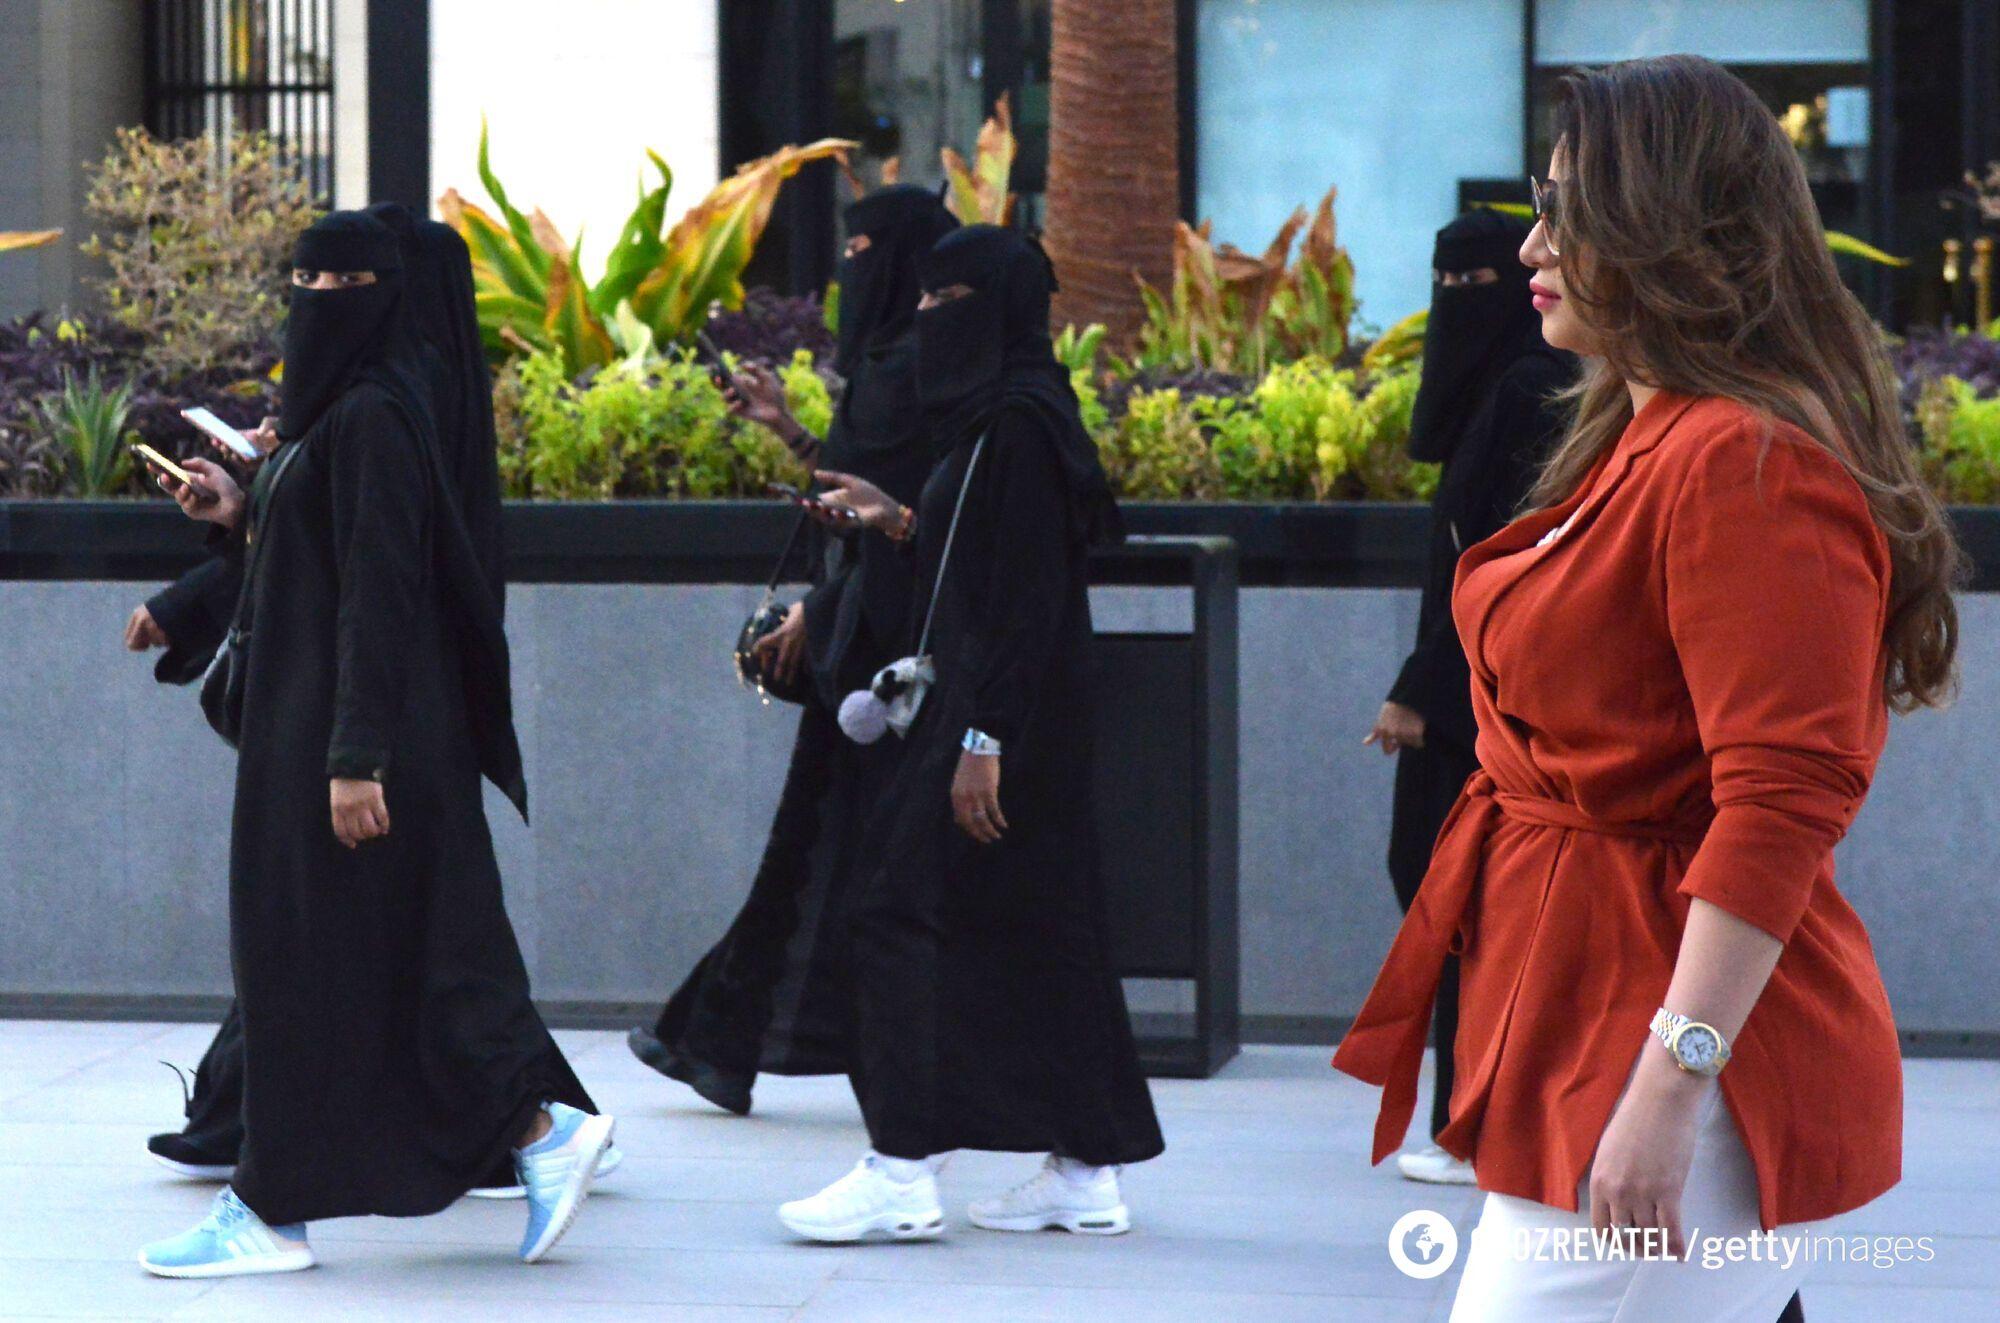 Женщины-туристки из Саудовской Аравии носят никаб.